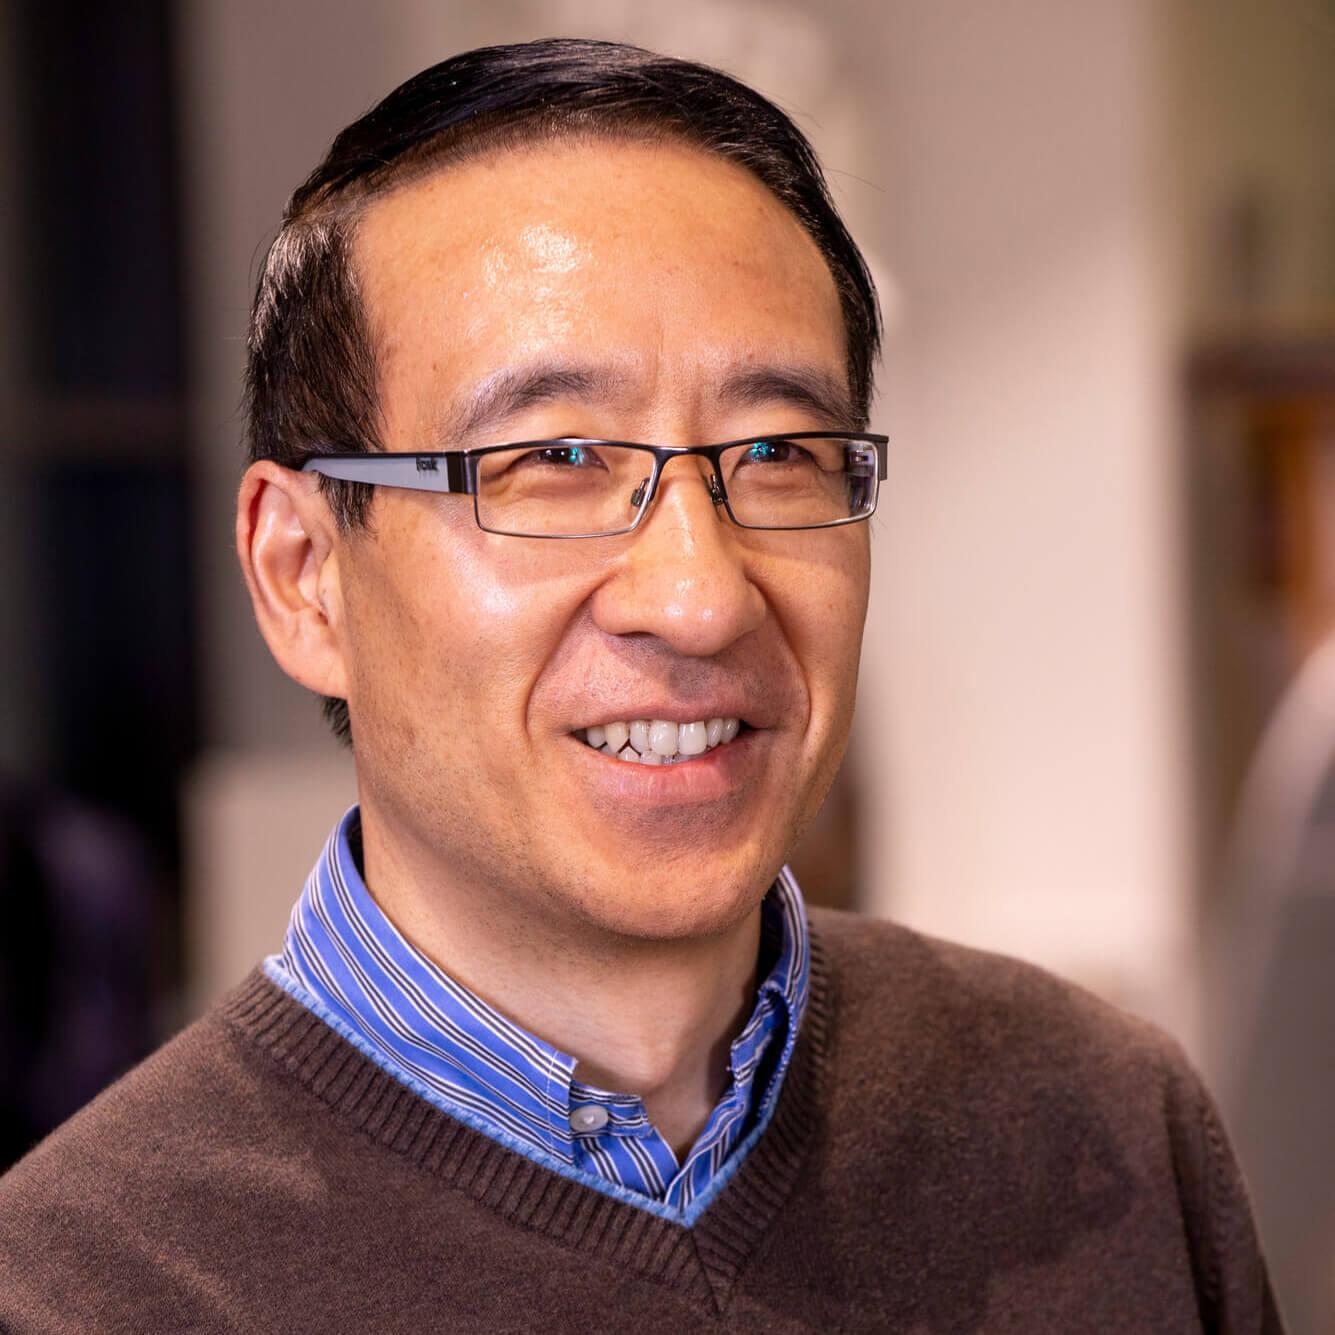 Zhiyin Yang